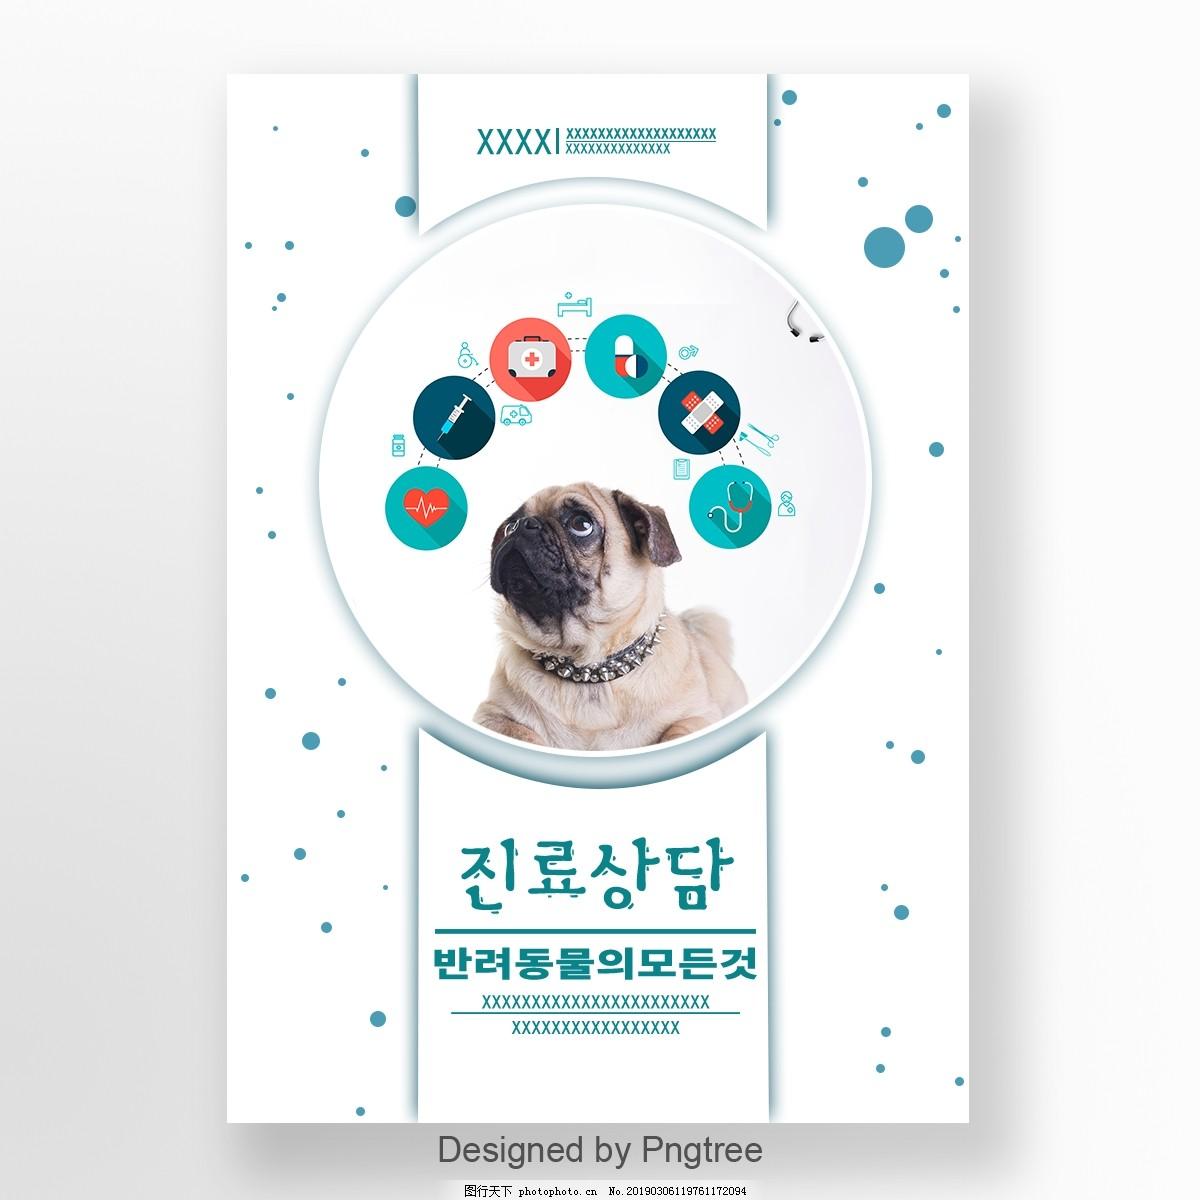 简单又可爱的宠物医院宣传海报,肝脏药物,宠物护理,宠物狗,宠物美,白色